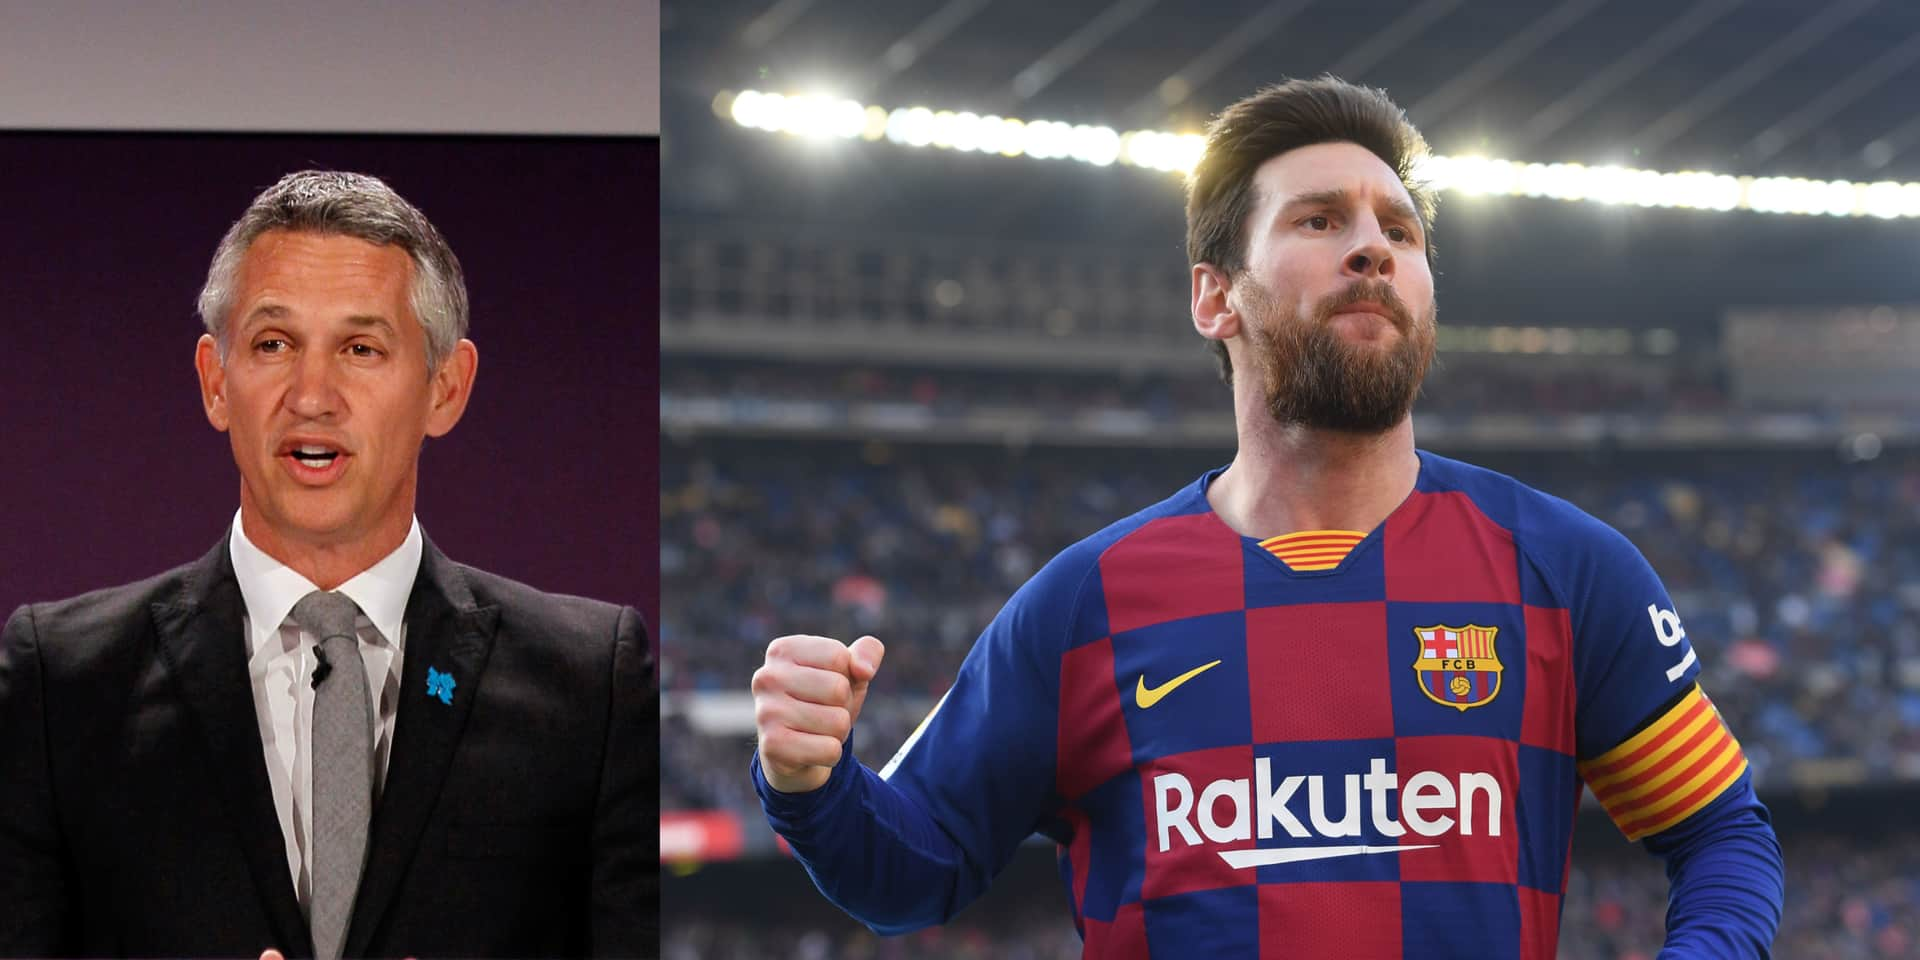 """La déclaration d'amour de Gary Lineker à Lionel Messi: """"Il transforme le sport en art"""""""